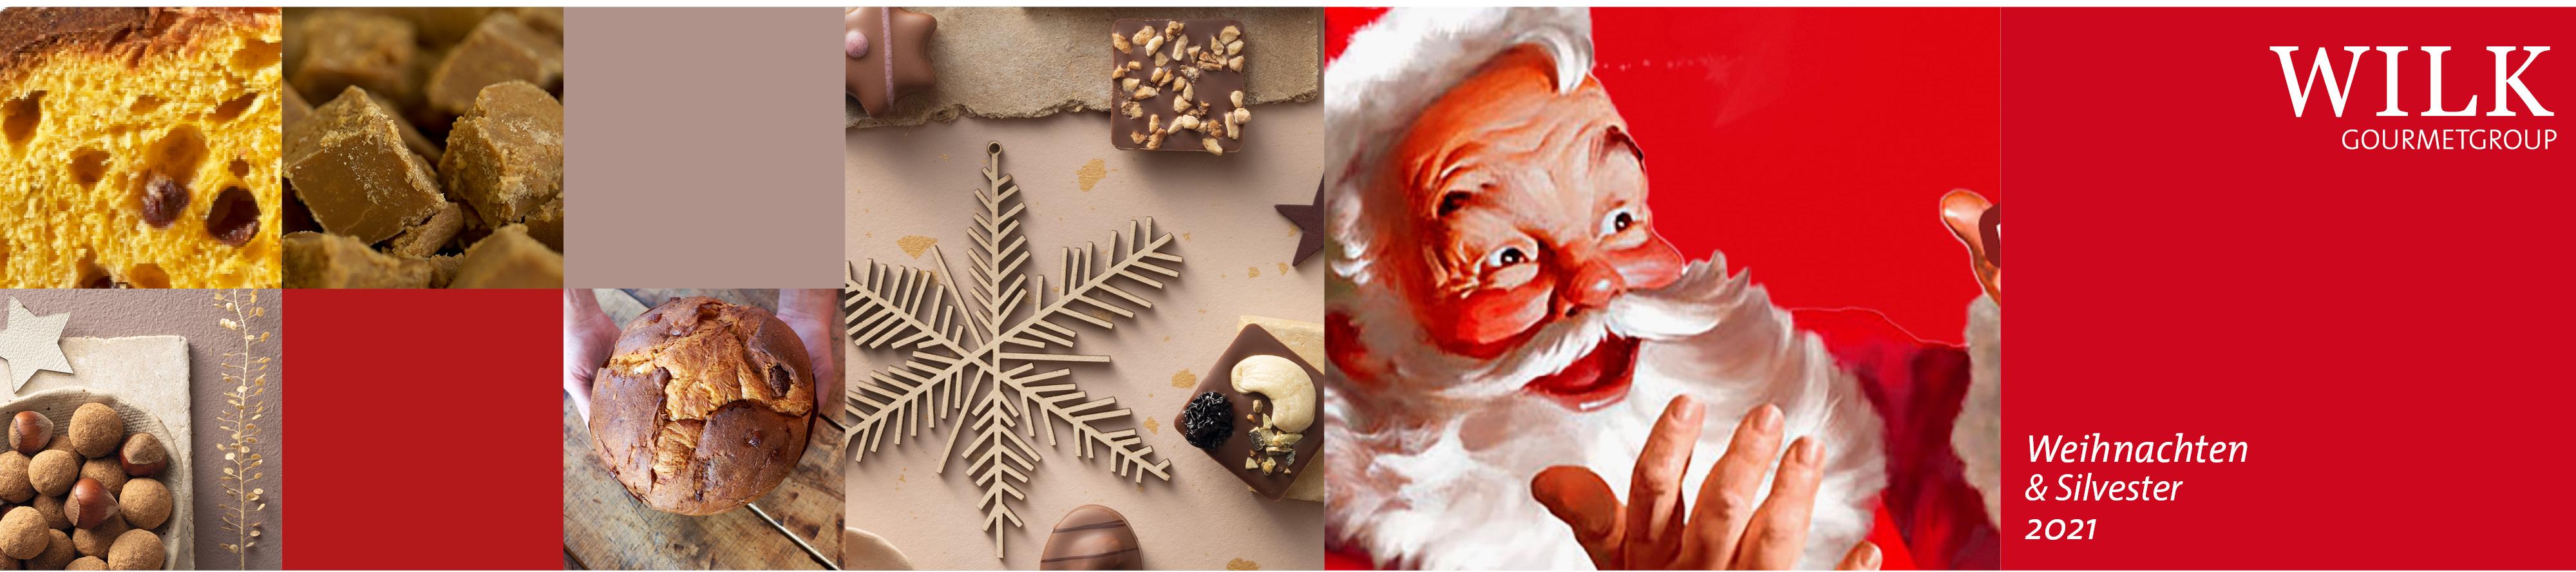 media/image/Banner-Einkaufswelt-weihnachten21.jpg